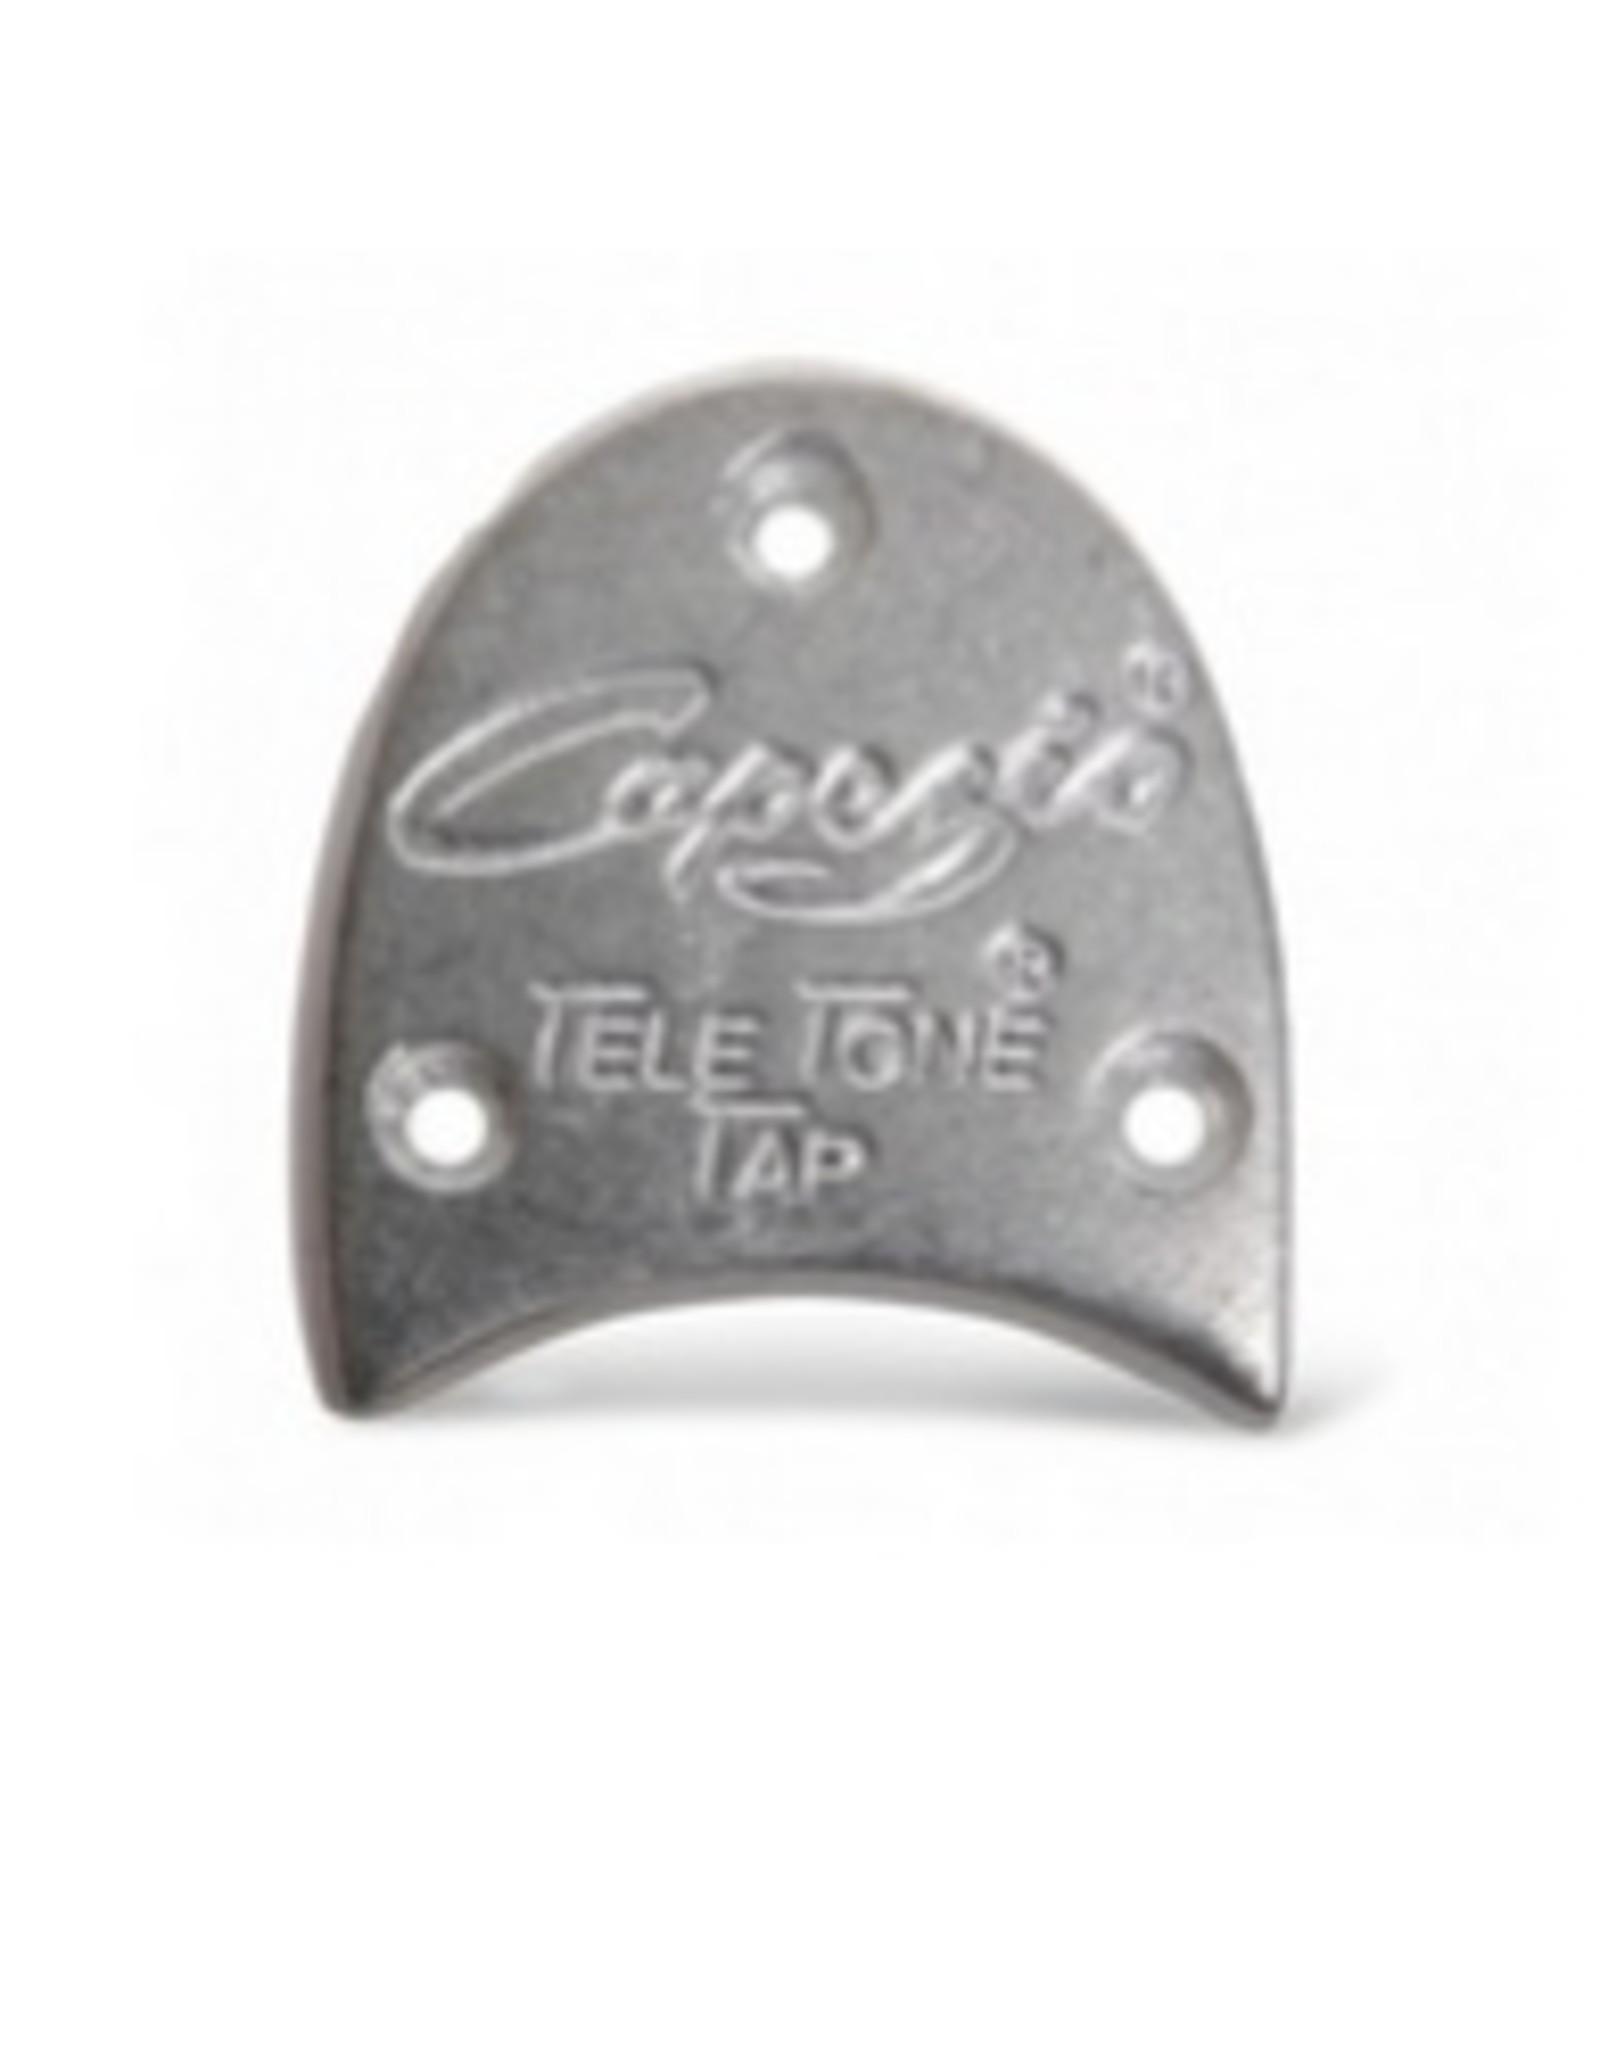 Capezio Tele Tone Tap Heel